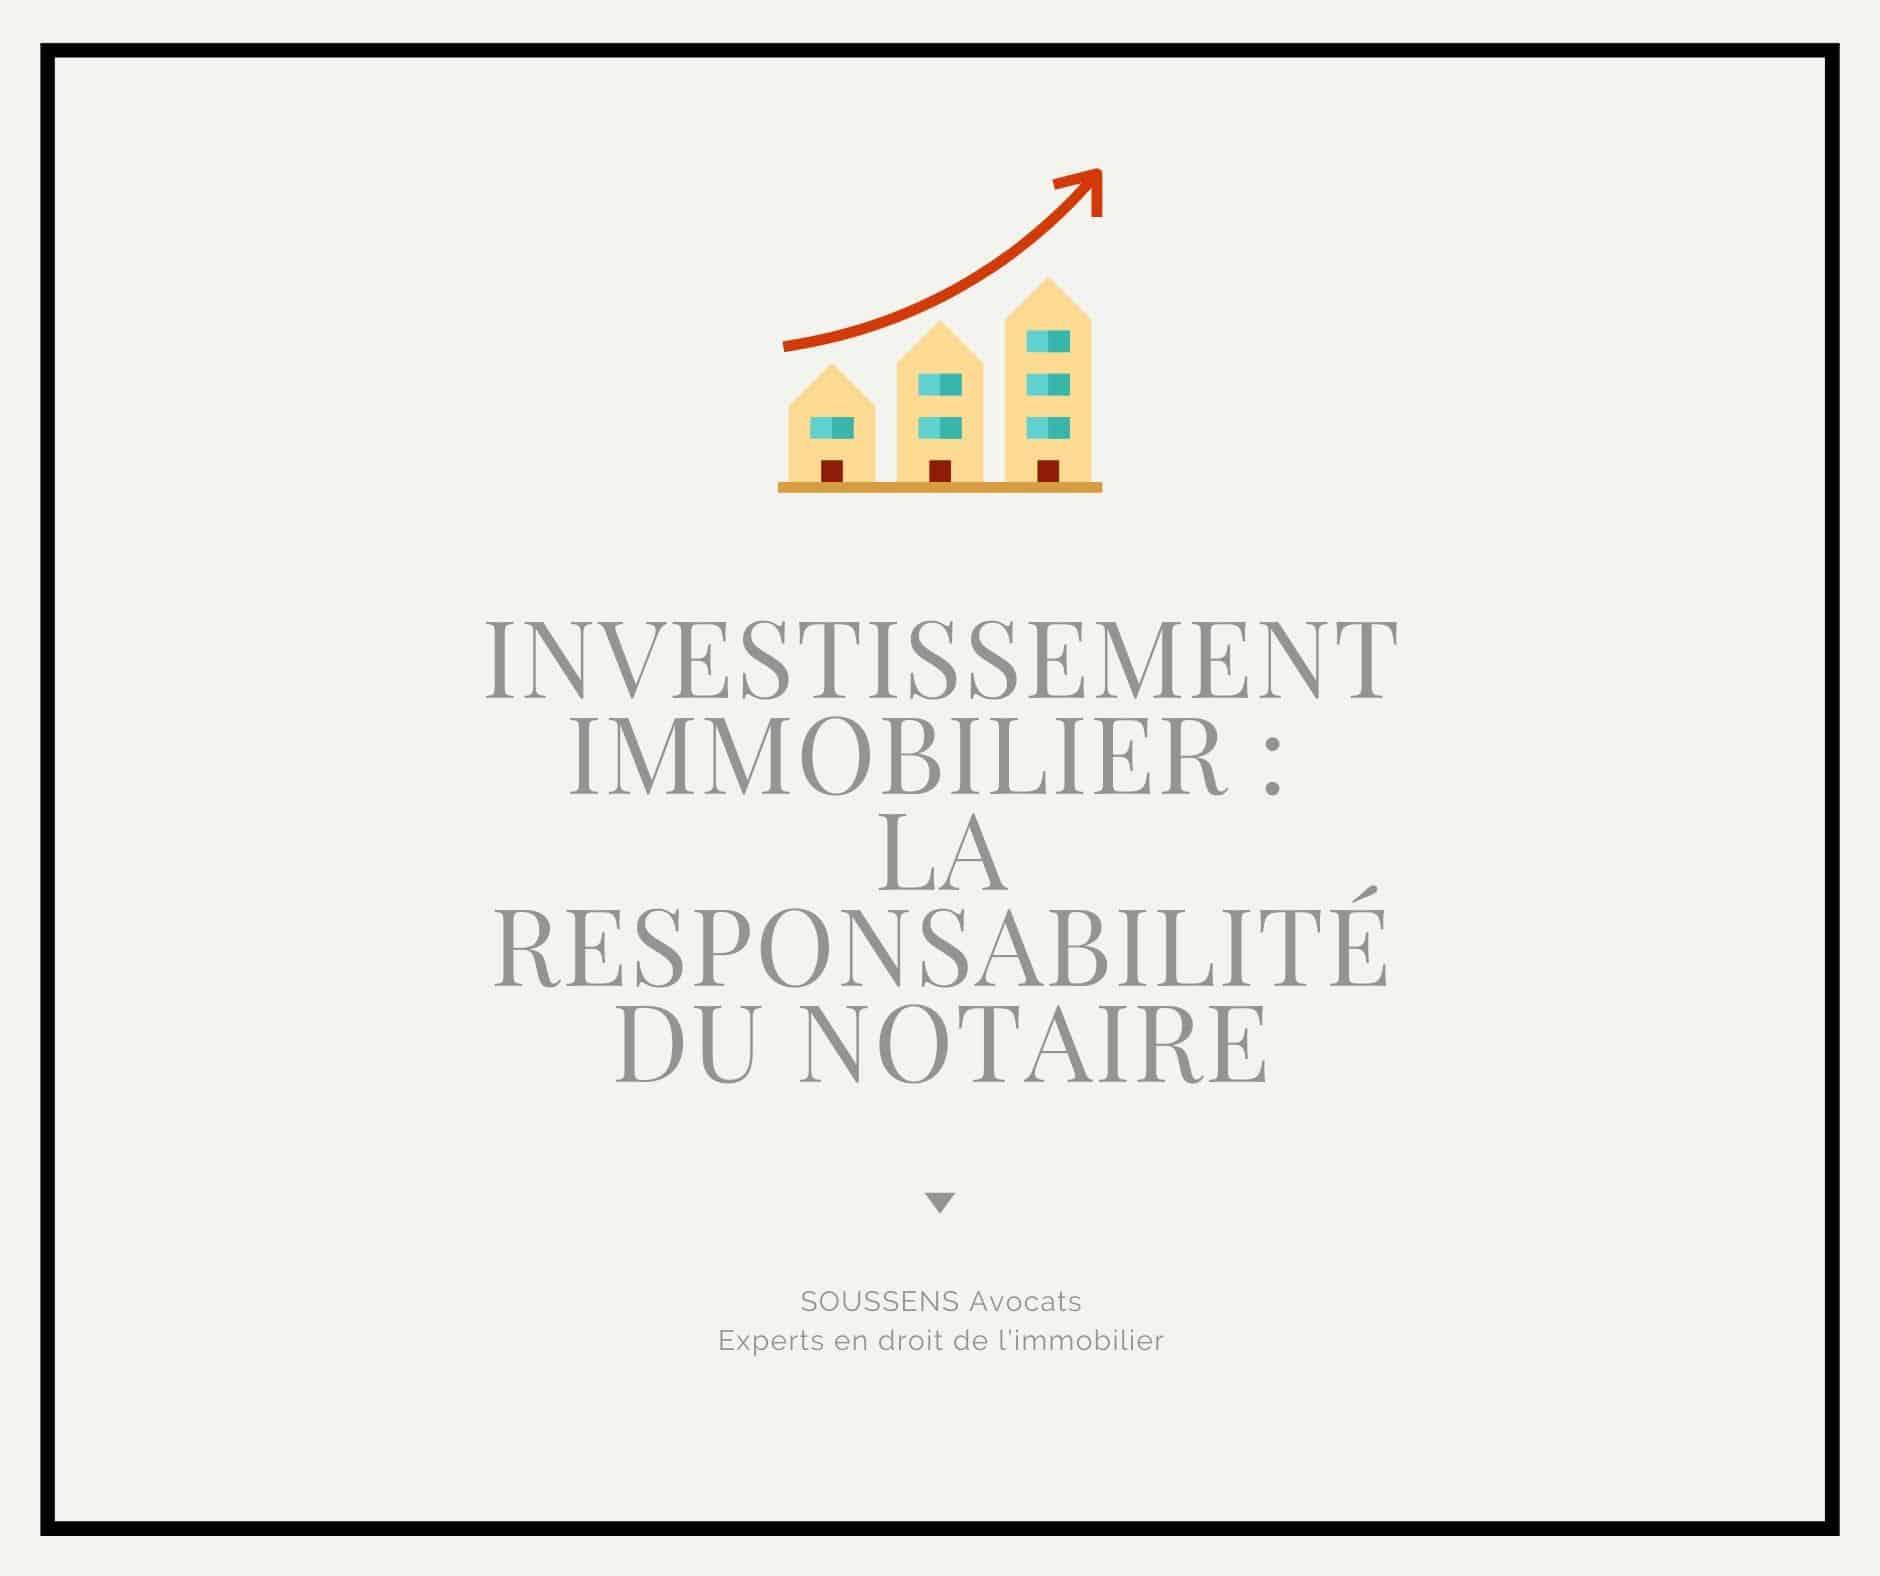 La responsabilité du notaire en matière d'investissement immobilier